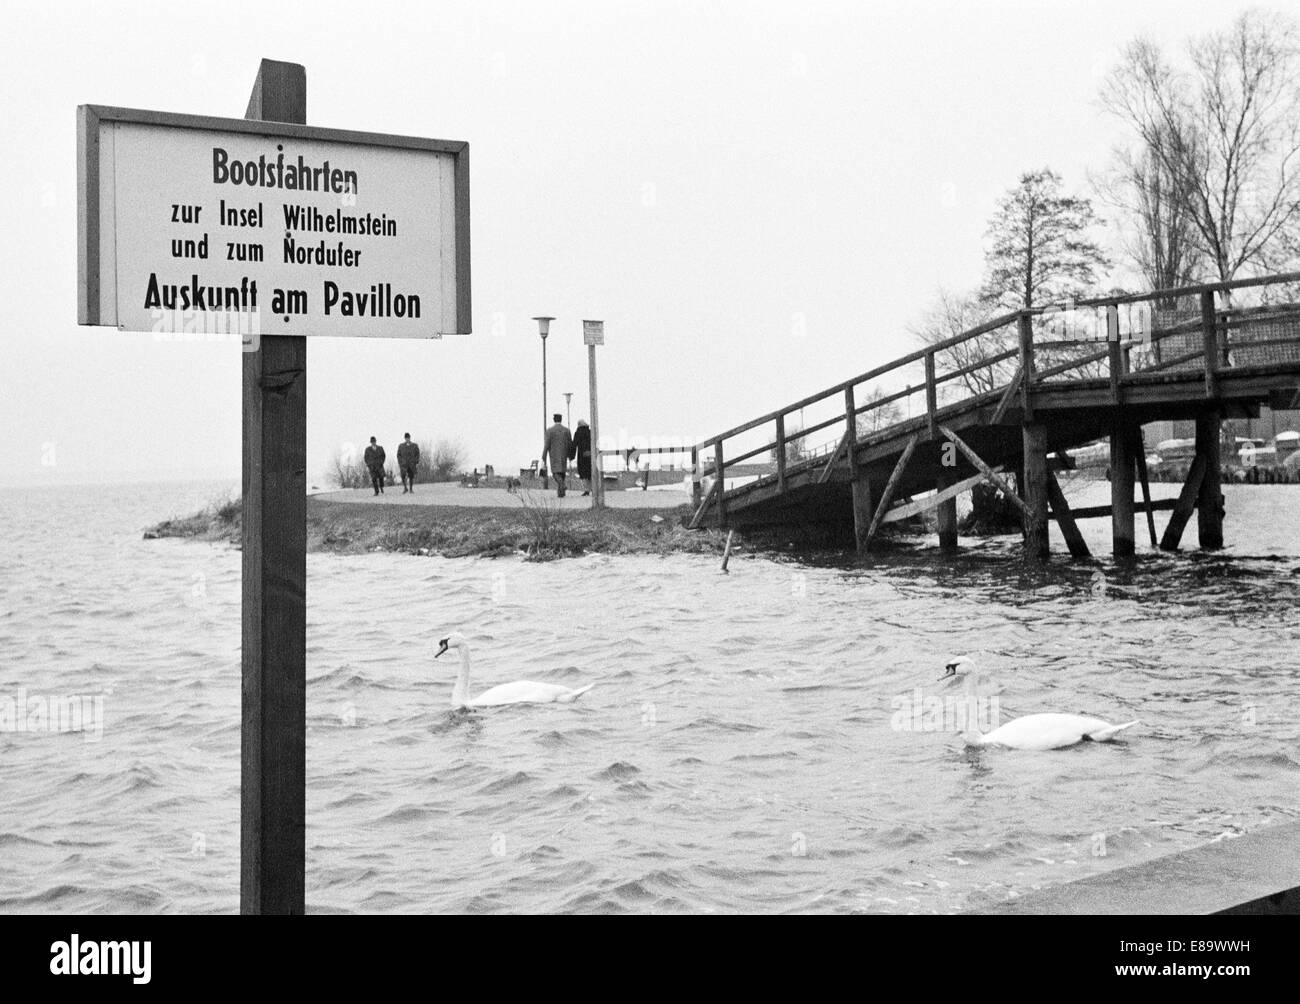 Seventies, D-Wunstorf, D-Wunstorf-Steinhude, Steinhuder Meer Nature Park, Lower Saxony, lake promenade, wooden bridge, - Stock Image